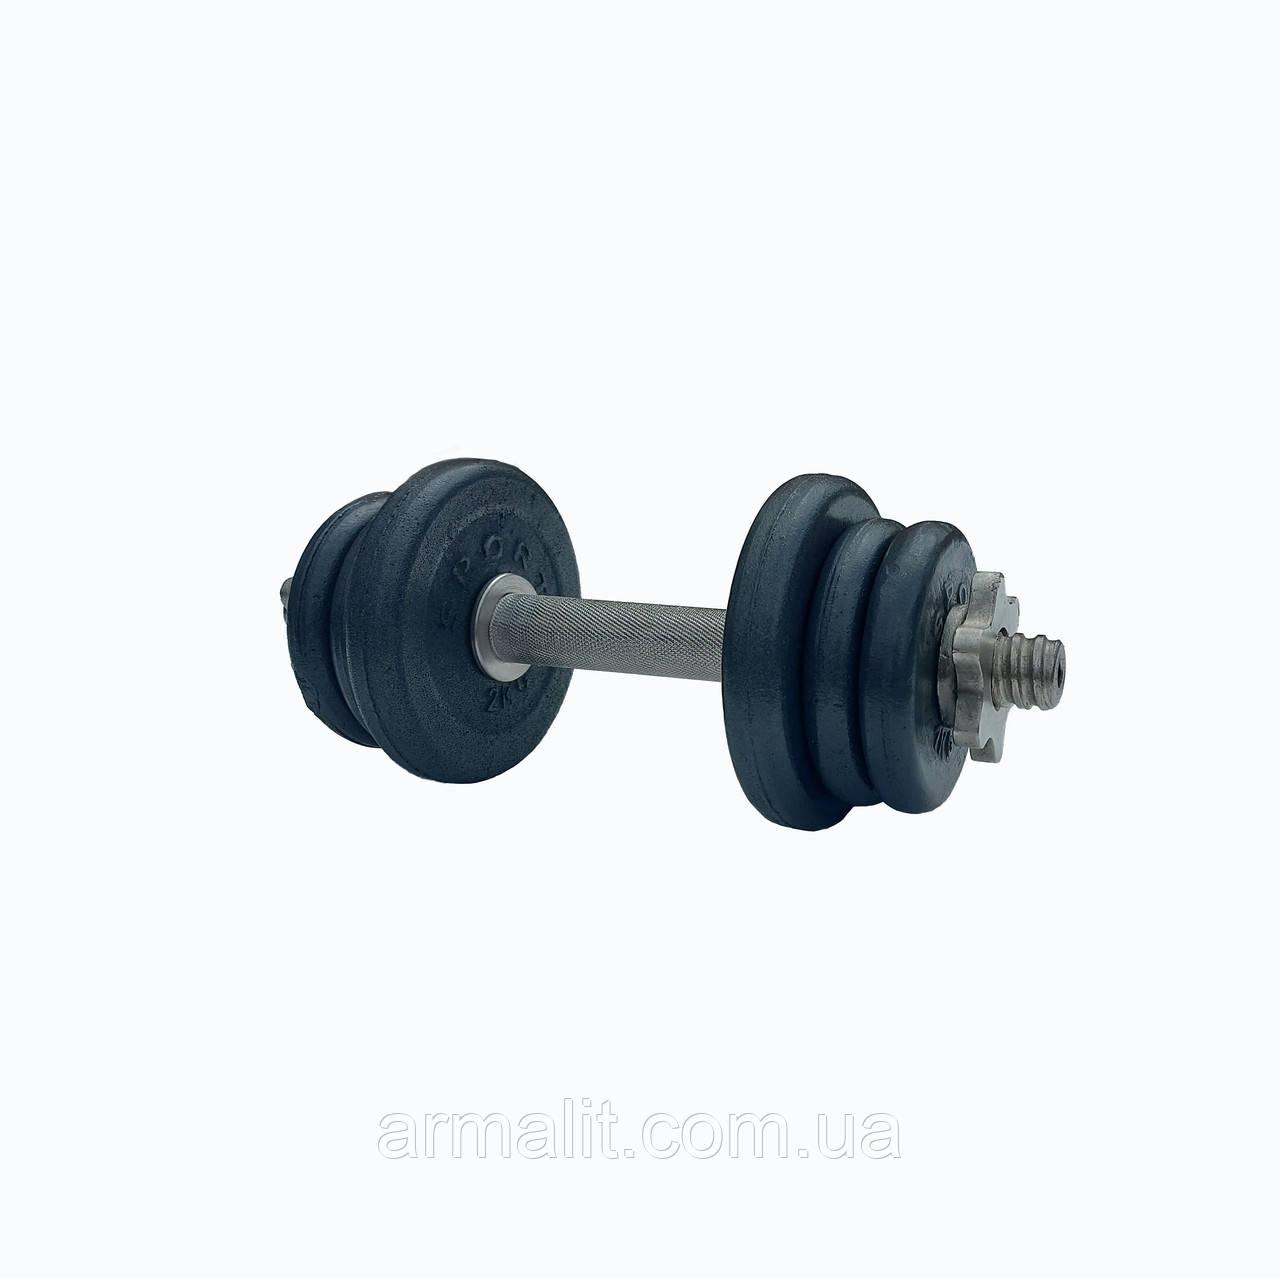 Гантель наборная АРМАЛІТ-2015 10 кг